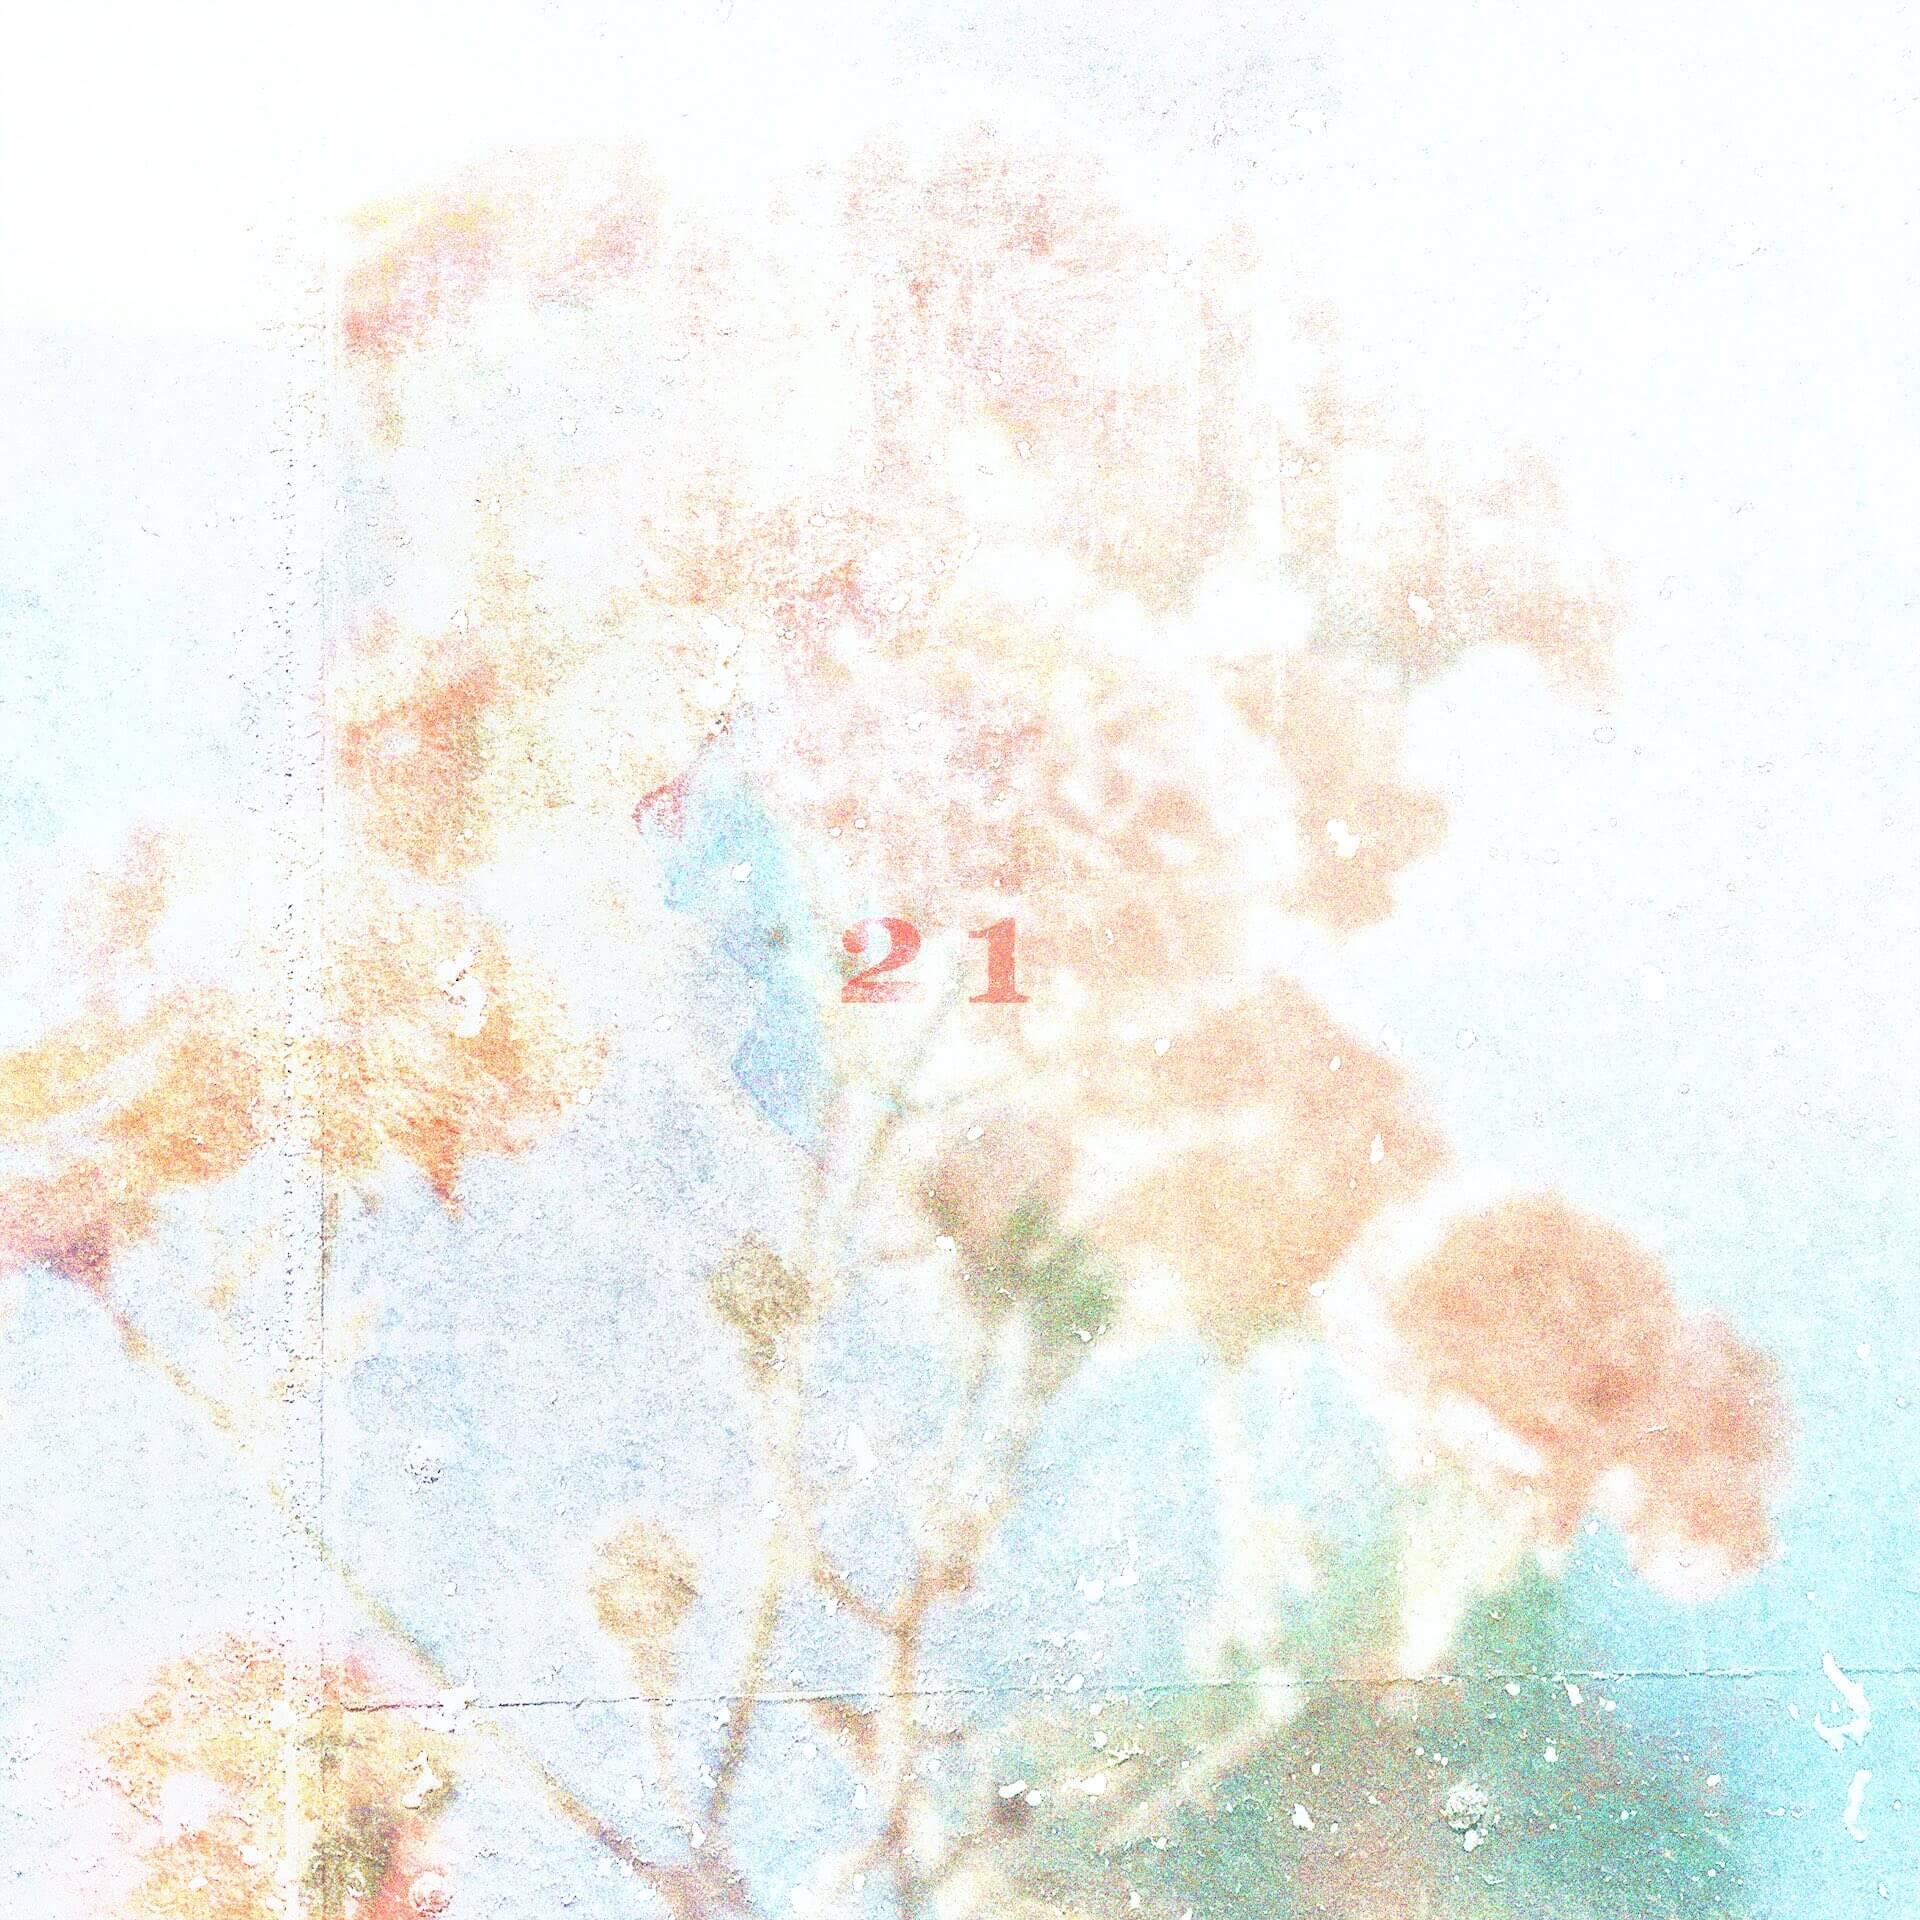 """気鋭のエレクトロバンドgatoが9ヶ月ぶりの新曲""""21""""を配信リリース&MV・新ビジュアルも公開! music_210706_gato2"""